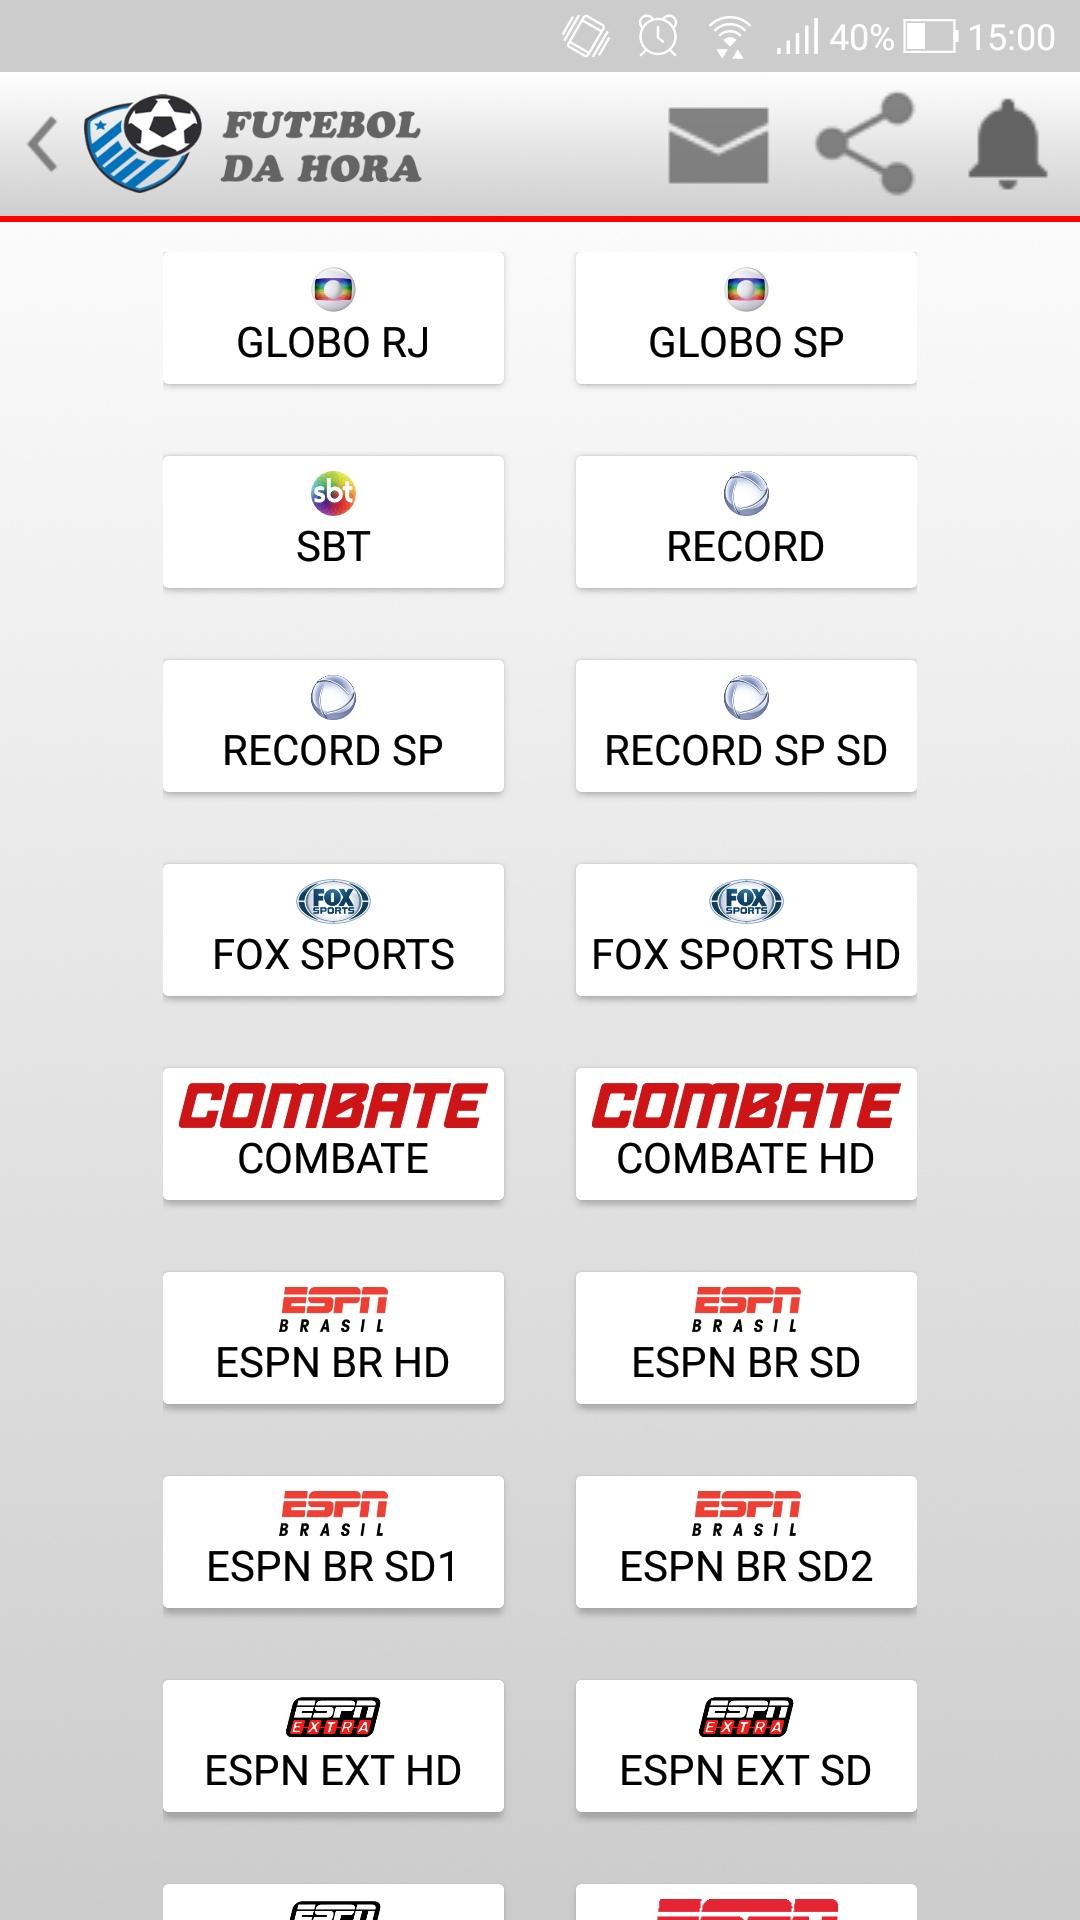 canais de tv que passam jogos de futebol